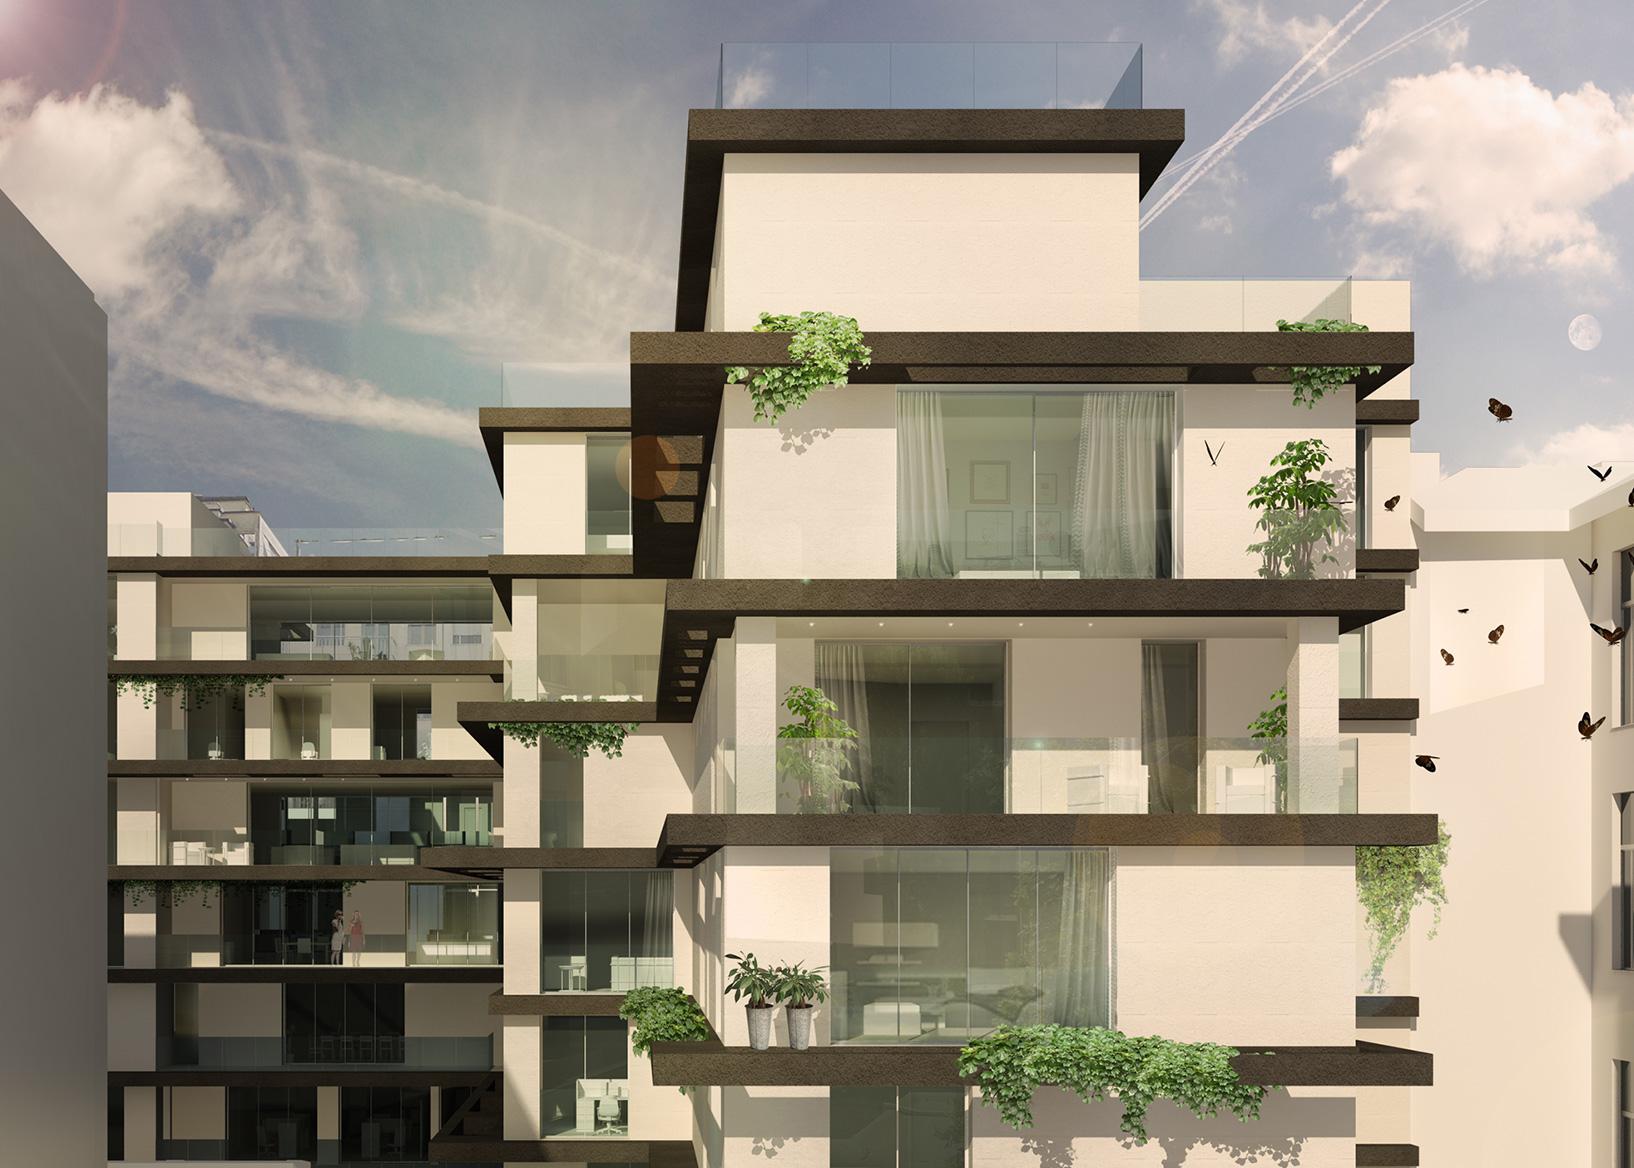 Architetto Gianluca Castagnetti, Via Lamarmora, Milano, Binini Partners, Società di architettura e ingegneria